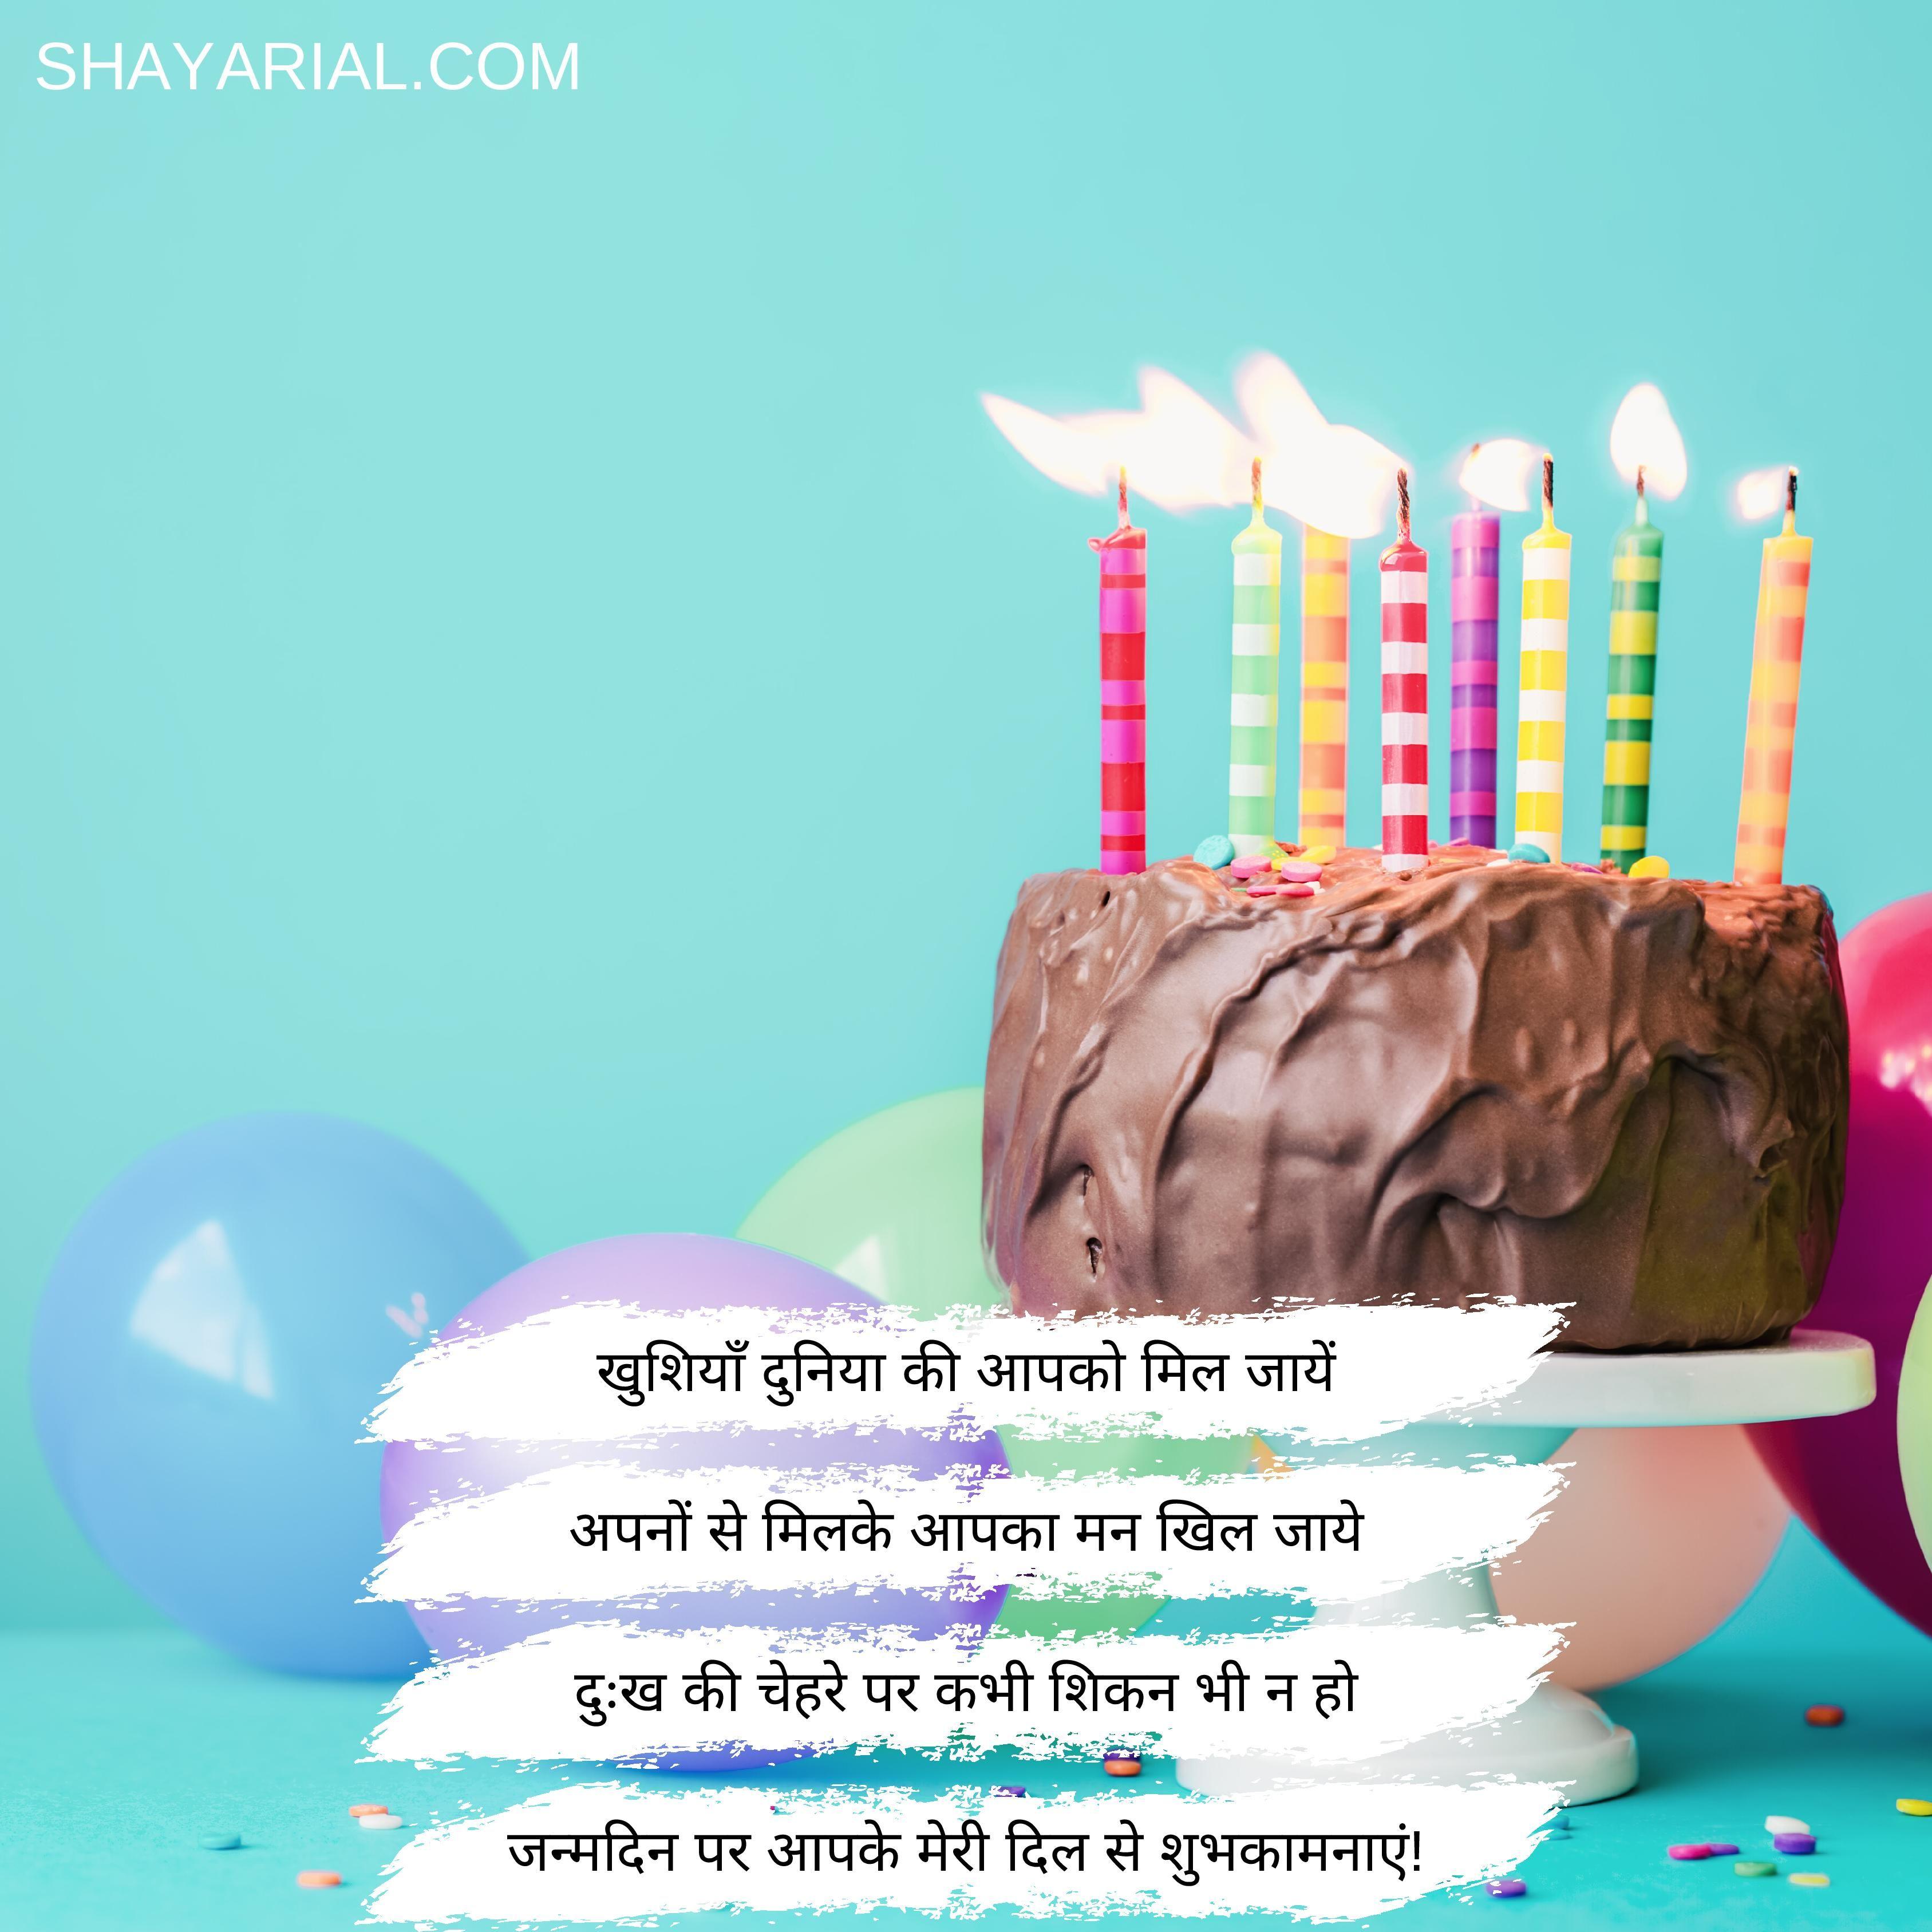 Happy Birthday Shayari In Hindi 2020 in 2020 Happy